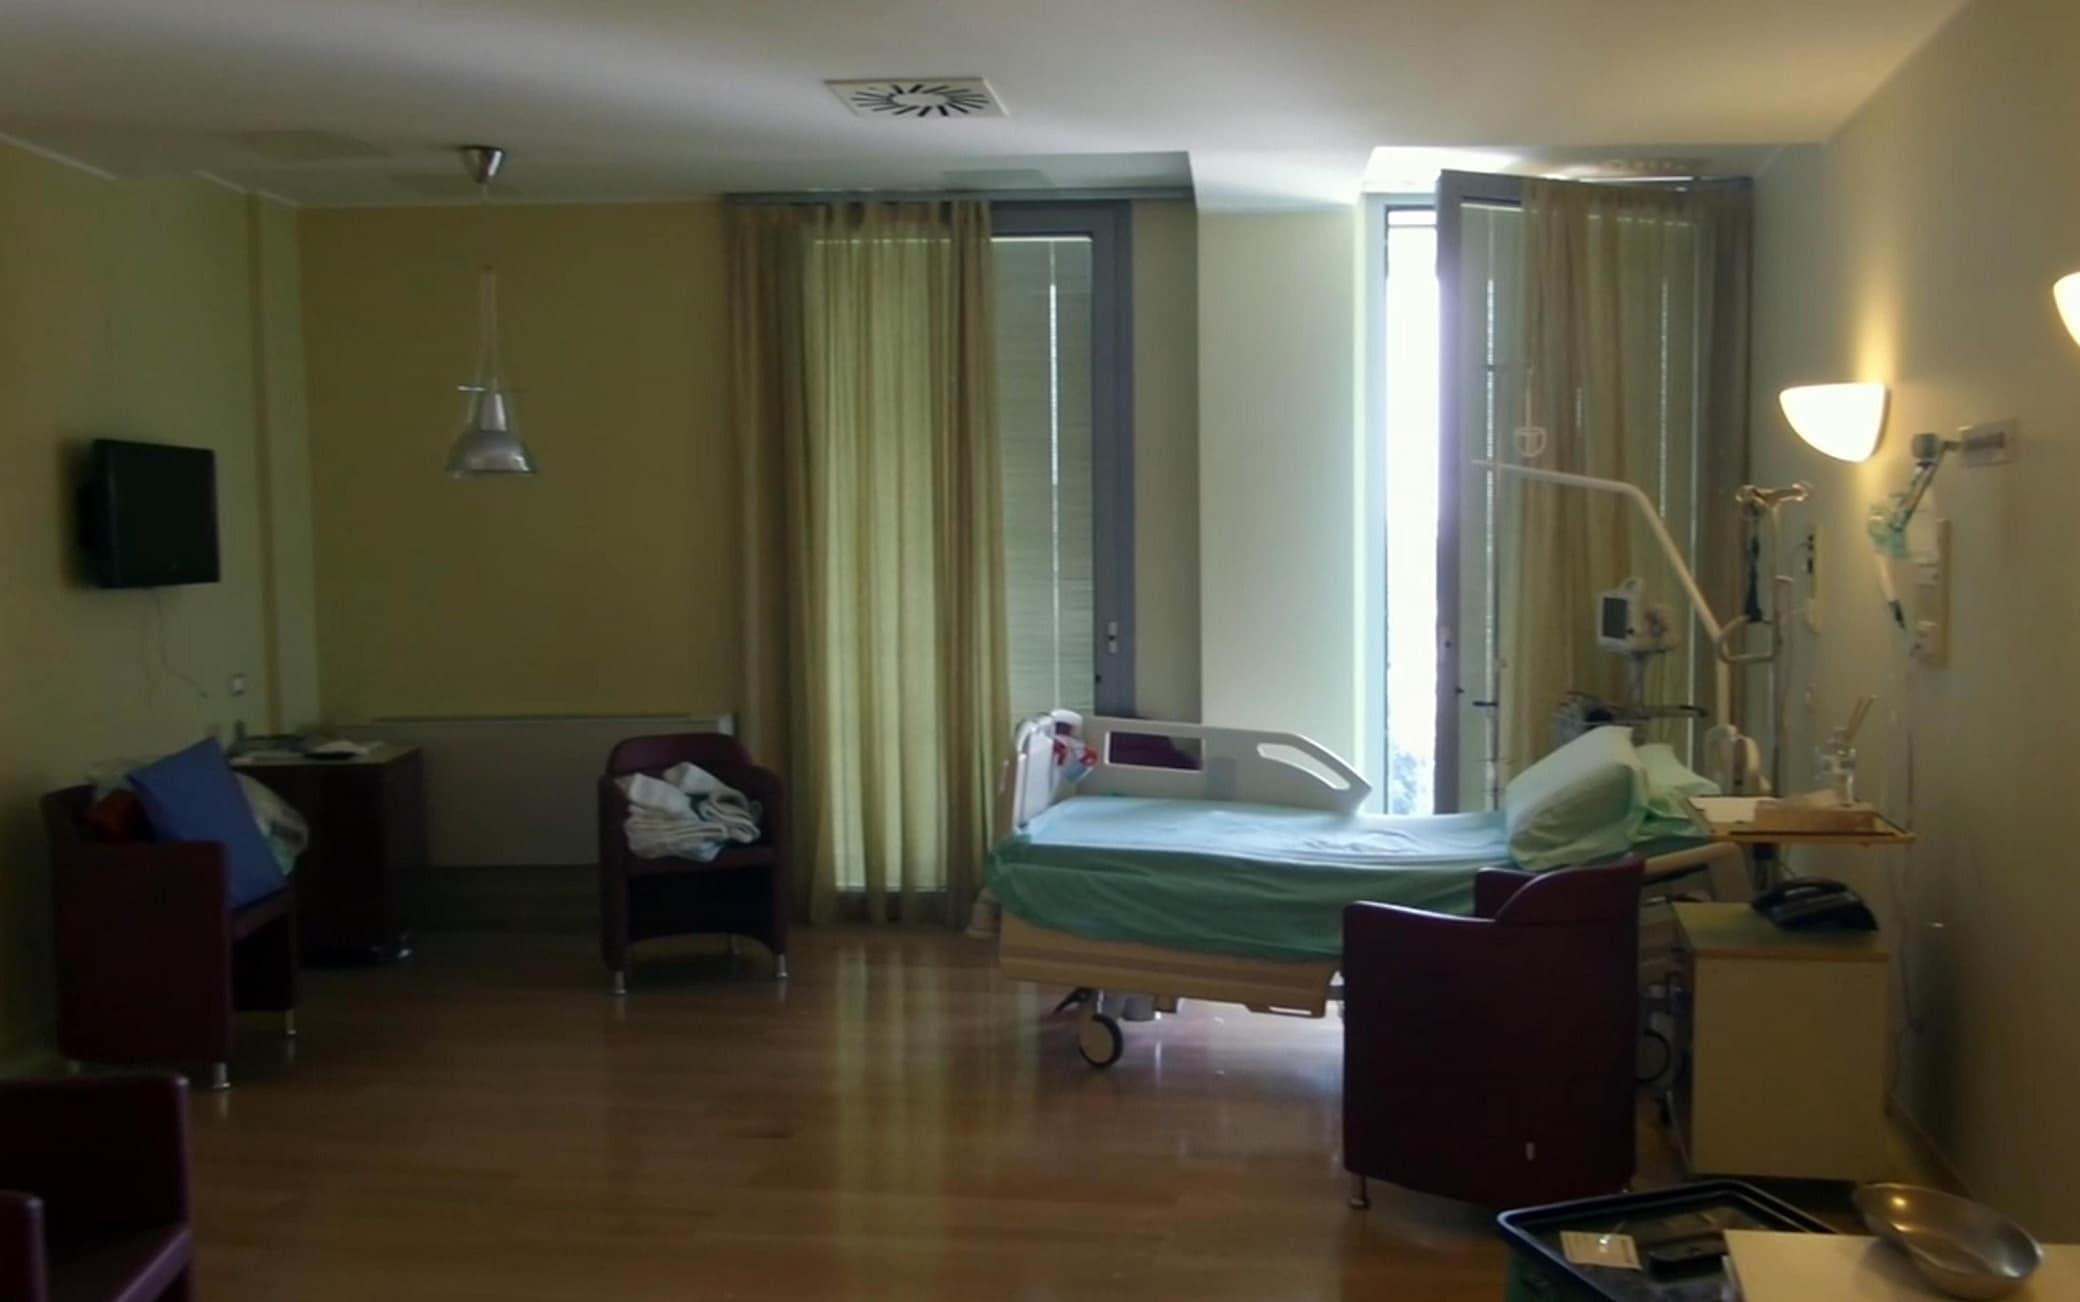 Un fermo immagine tratto da un video di Alanews mostra la stanza del leader di Forza Italia Silvio Berlusconi all'ospedale San Raffaele dove era ricoverato dal 7 giugno scorso per un intervento di sostituzione della valvola aortica a Milano, 5 luglio 2016. ANSA/ALANEWS